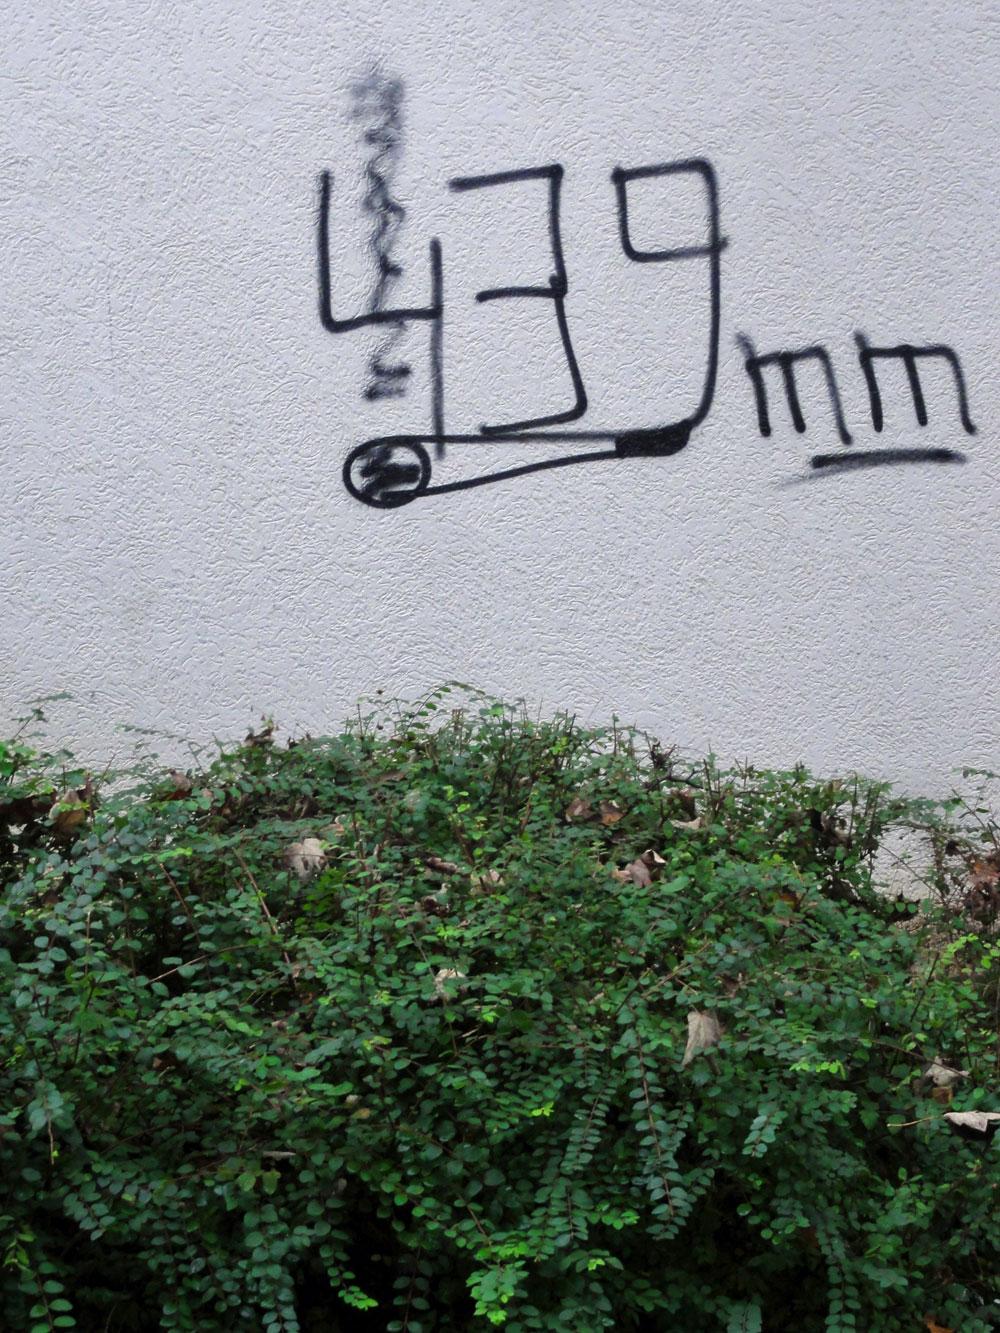 frankfurt-plz-439